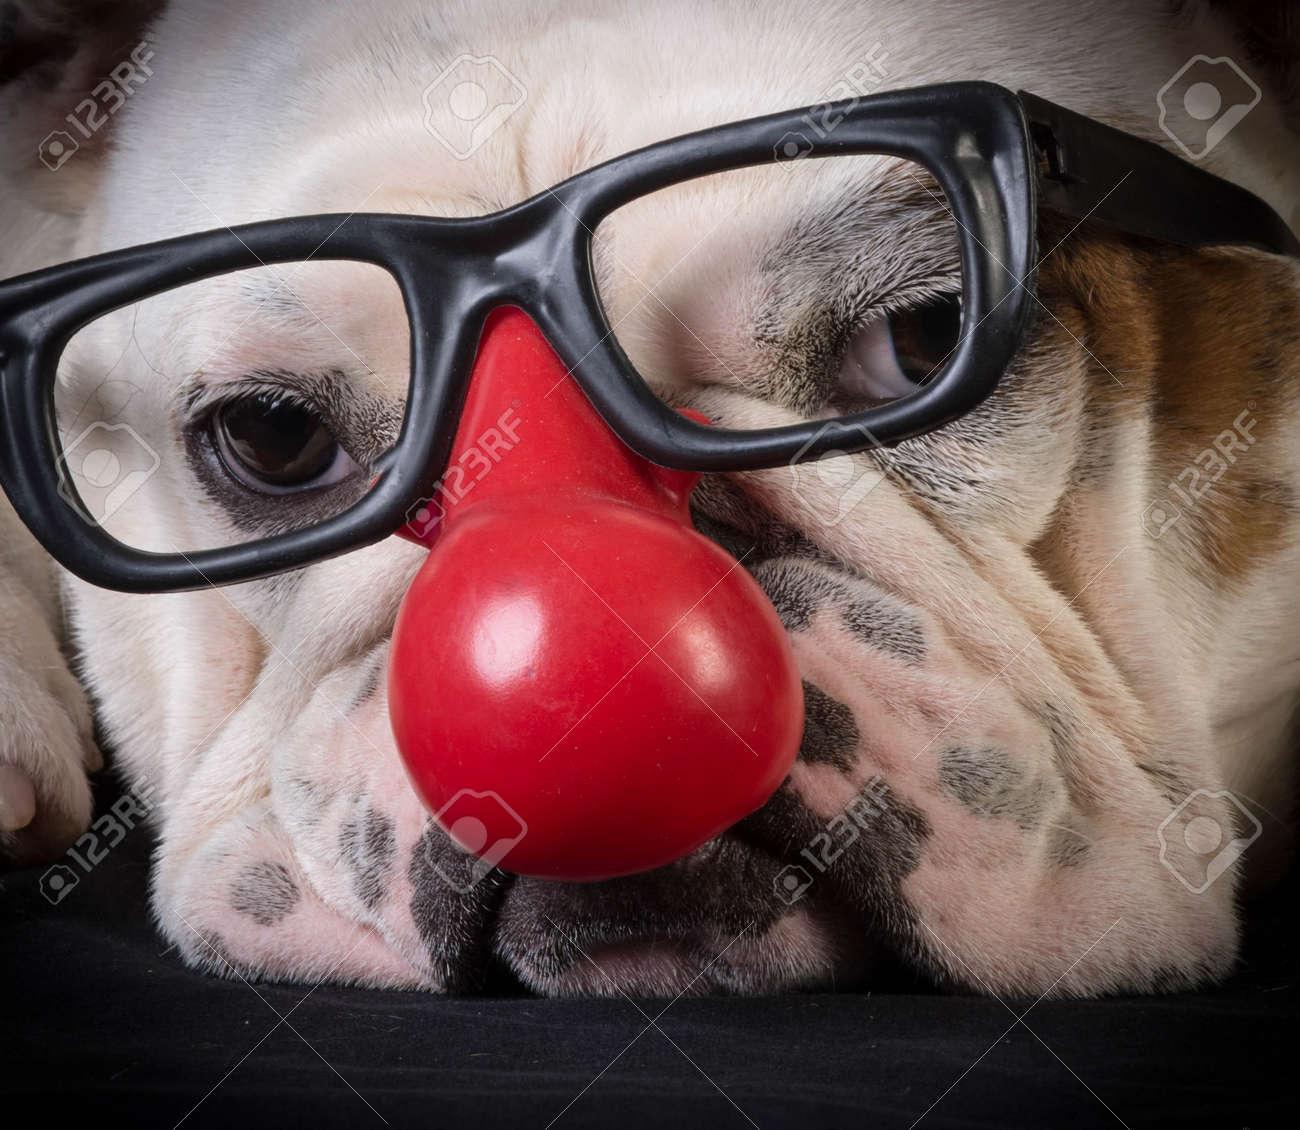 El juego de las palabras encadenadas-https://previews.123rf.com/images/cole123rf/cole123rf1507/cole123rf150700065/43061372-divertida-del-perro-bulldog-con-gafas-y-nariz-roja-de-payaso-Foto-de-archivo.jpg